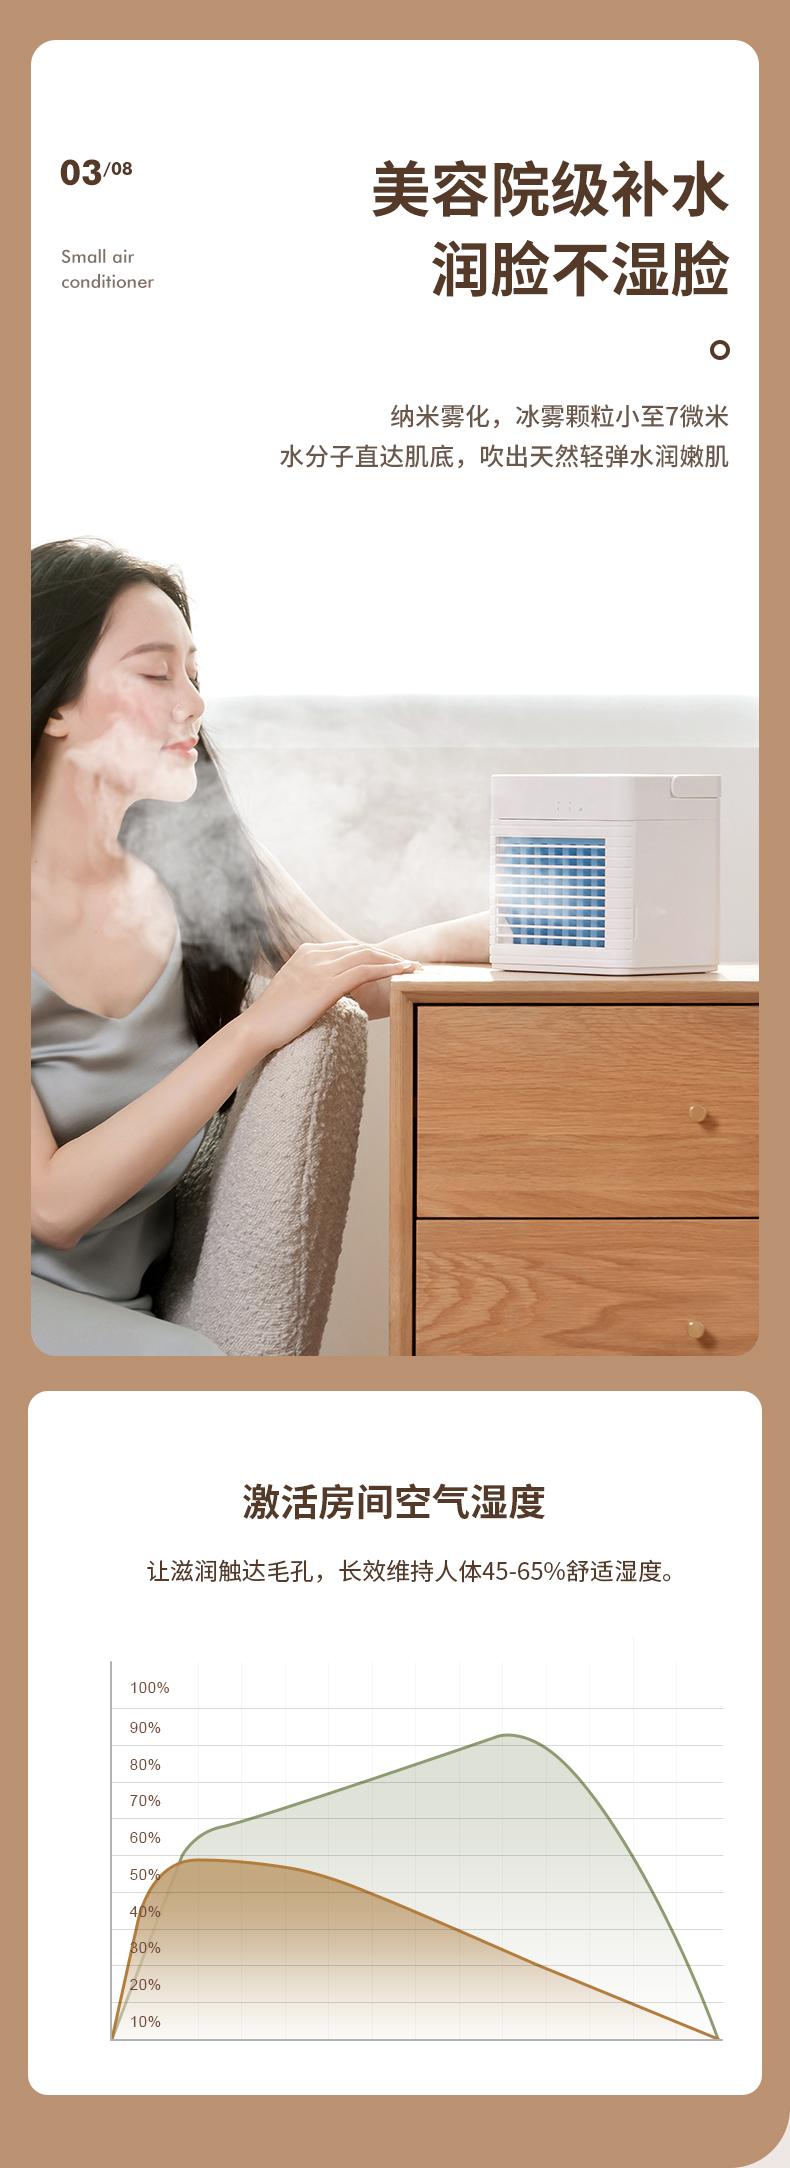 冷气机品牌排行榜